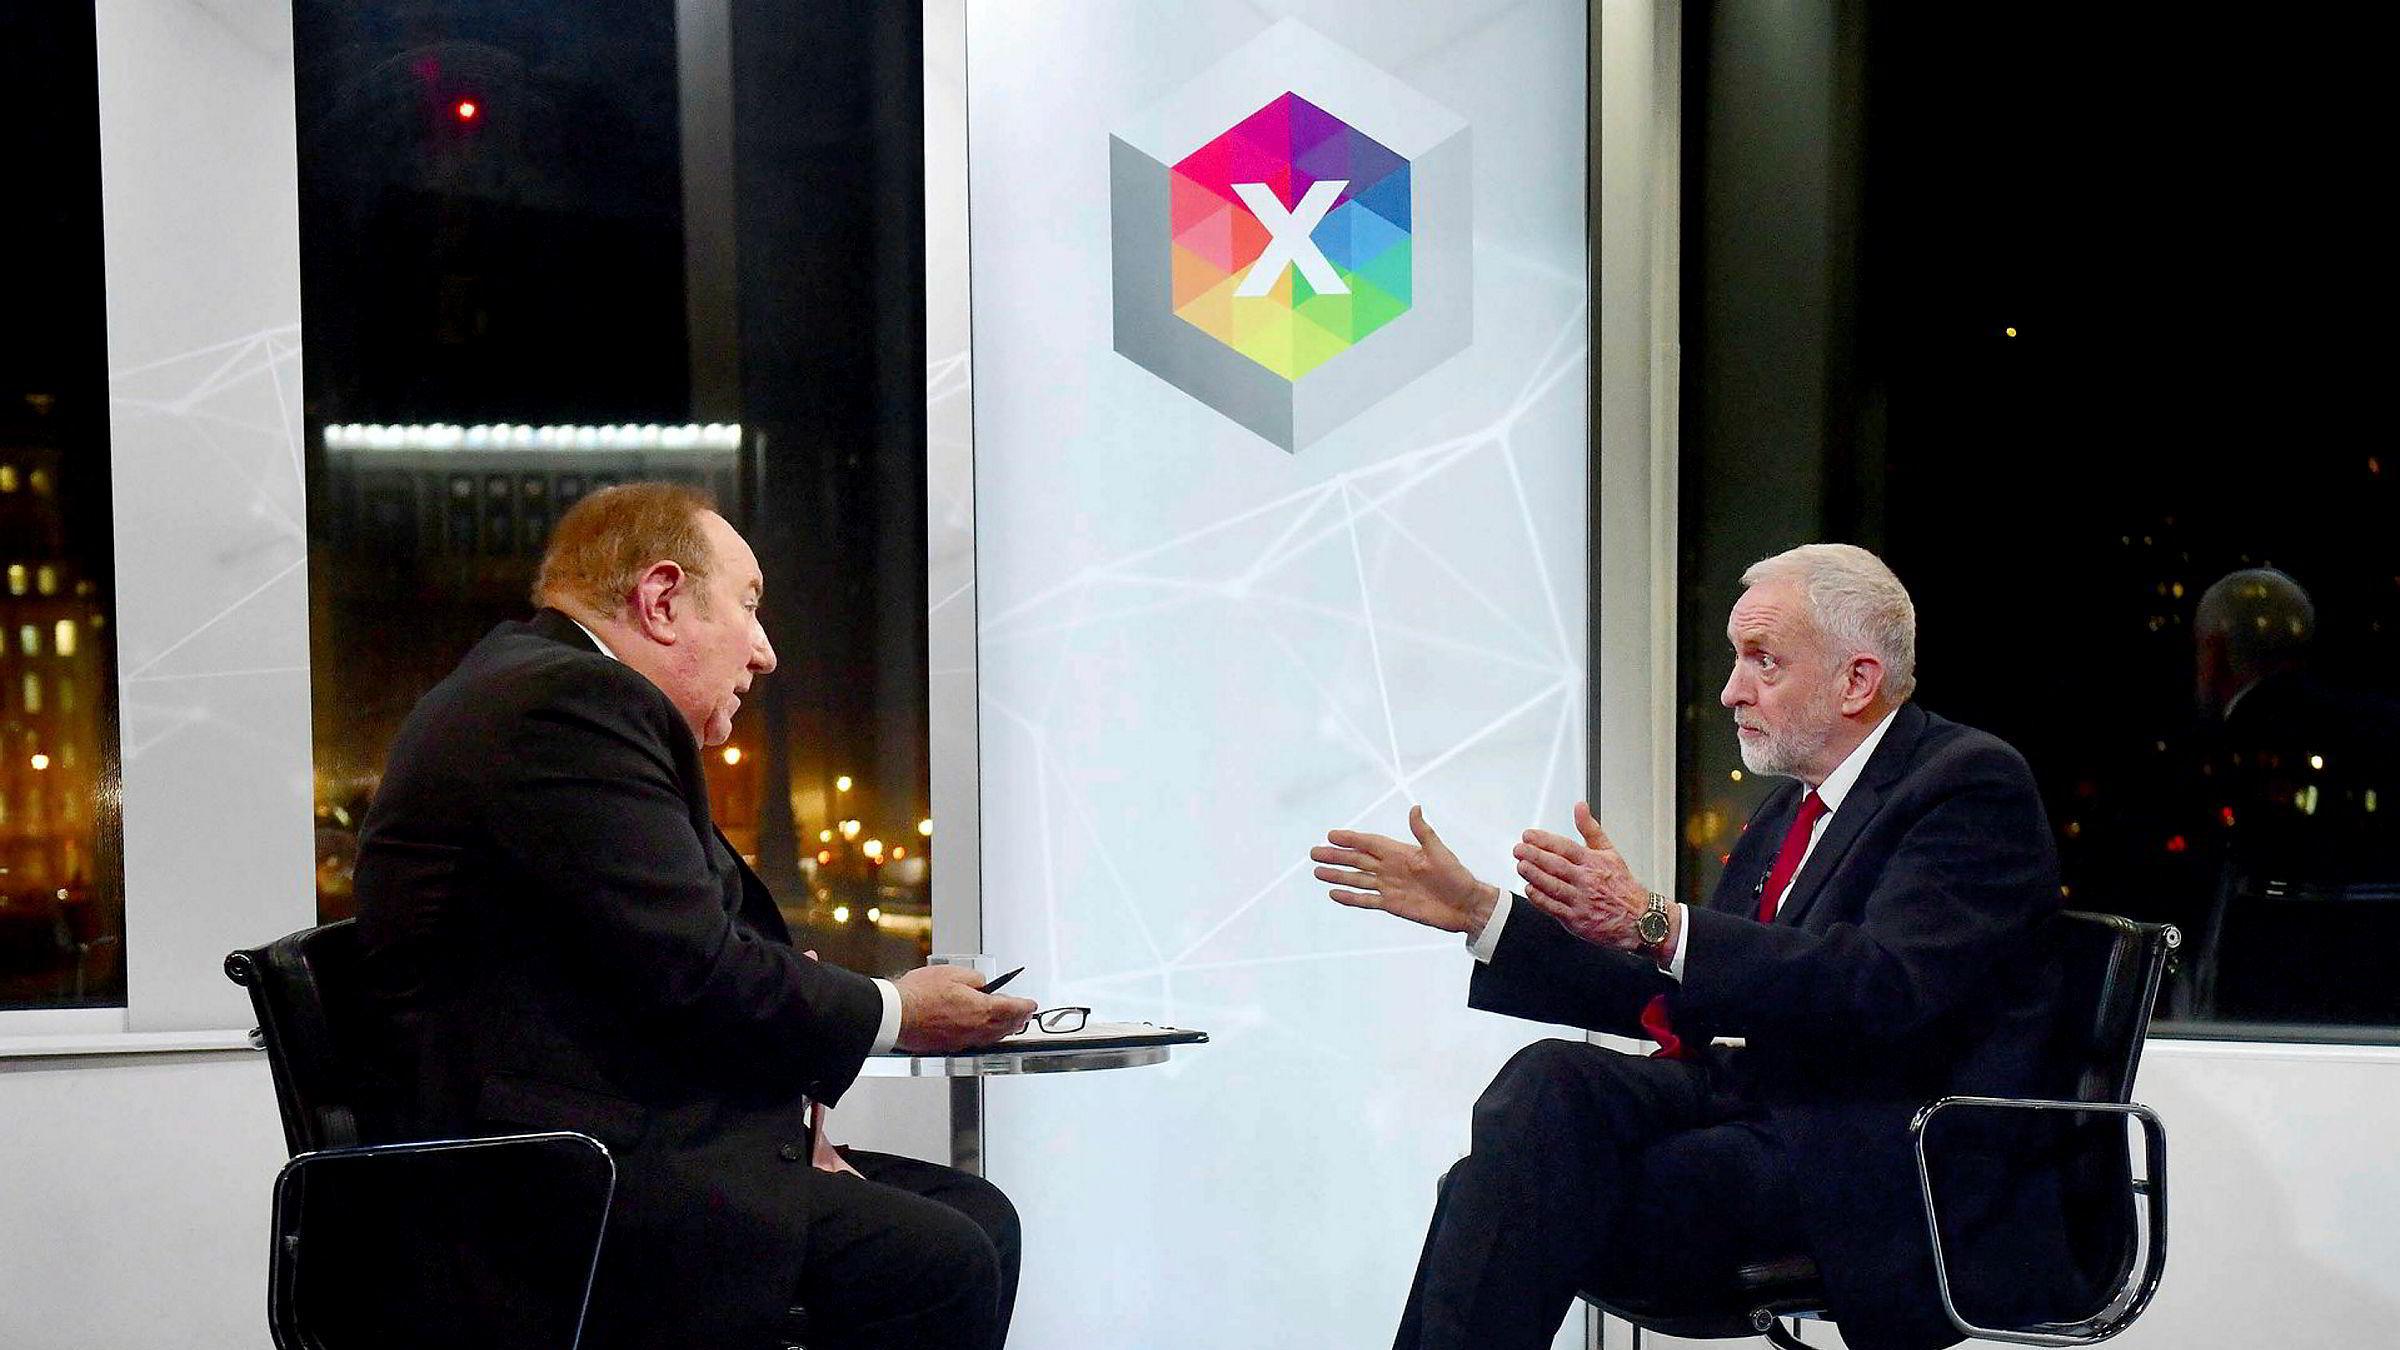 På grillen. BBCs Andrew Neil spurte Jeremy Corbyn fire ganger om partilederenville beklage antisemittisme i Labour. Corbyn svarte på andre ting.